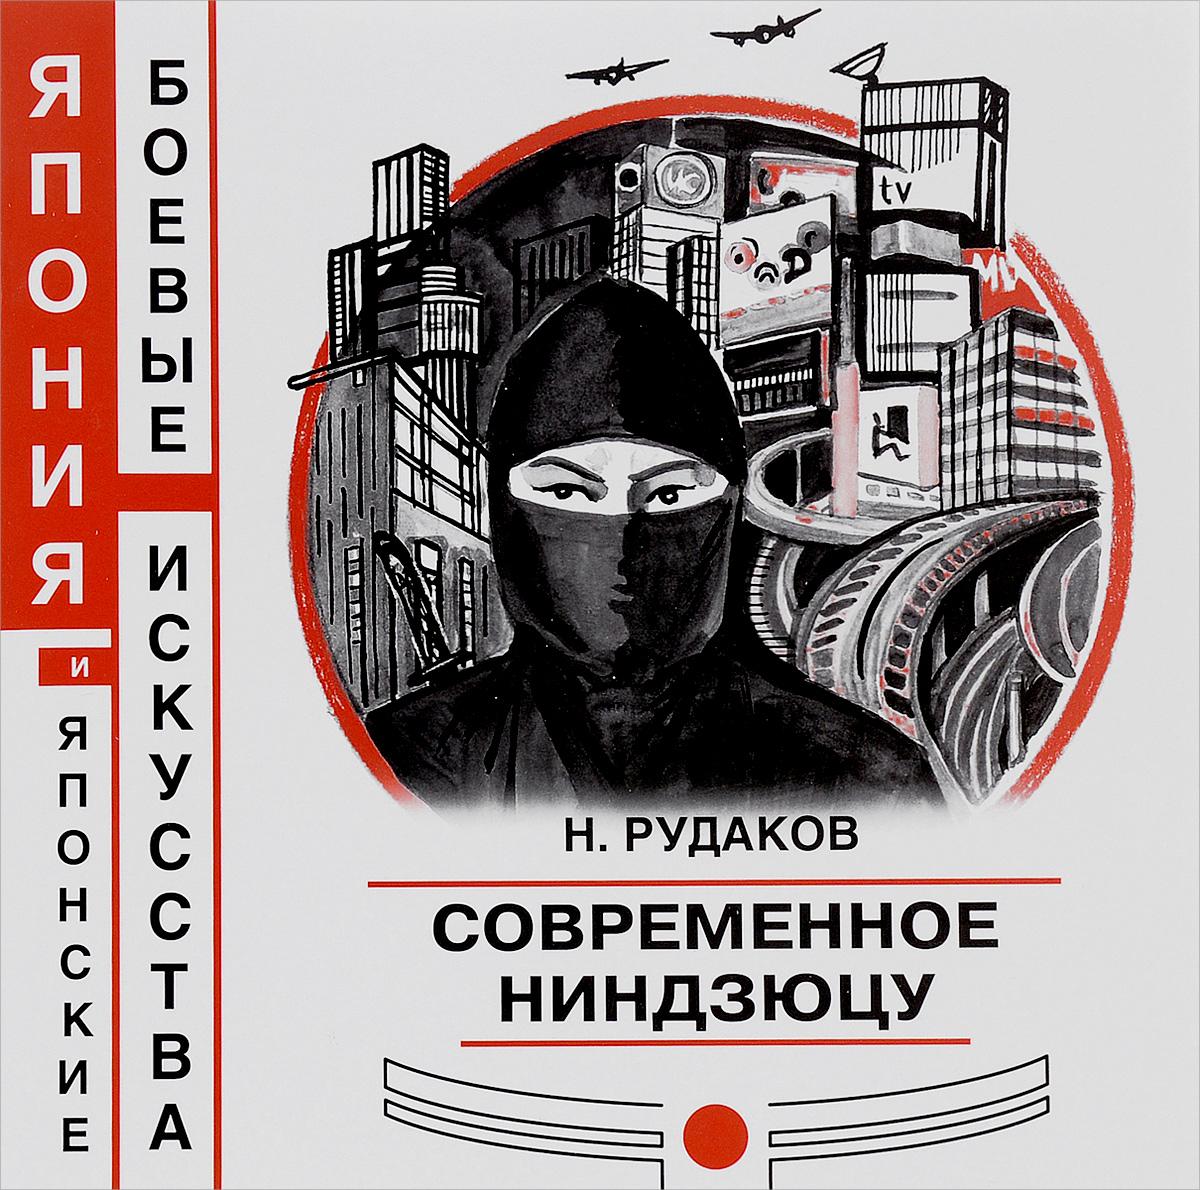 Н. Э. Рудаков Современное ниндзюцу